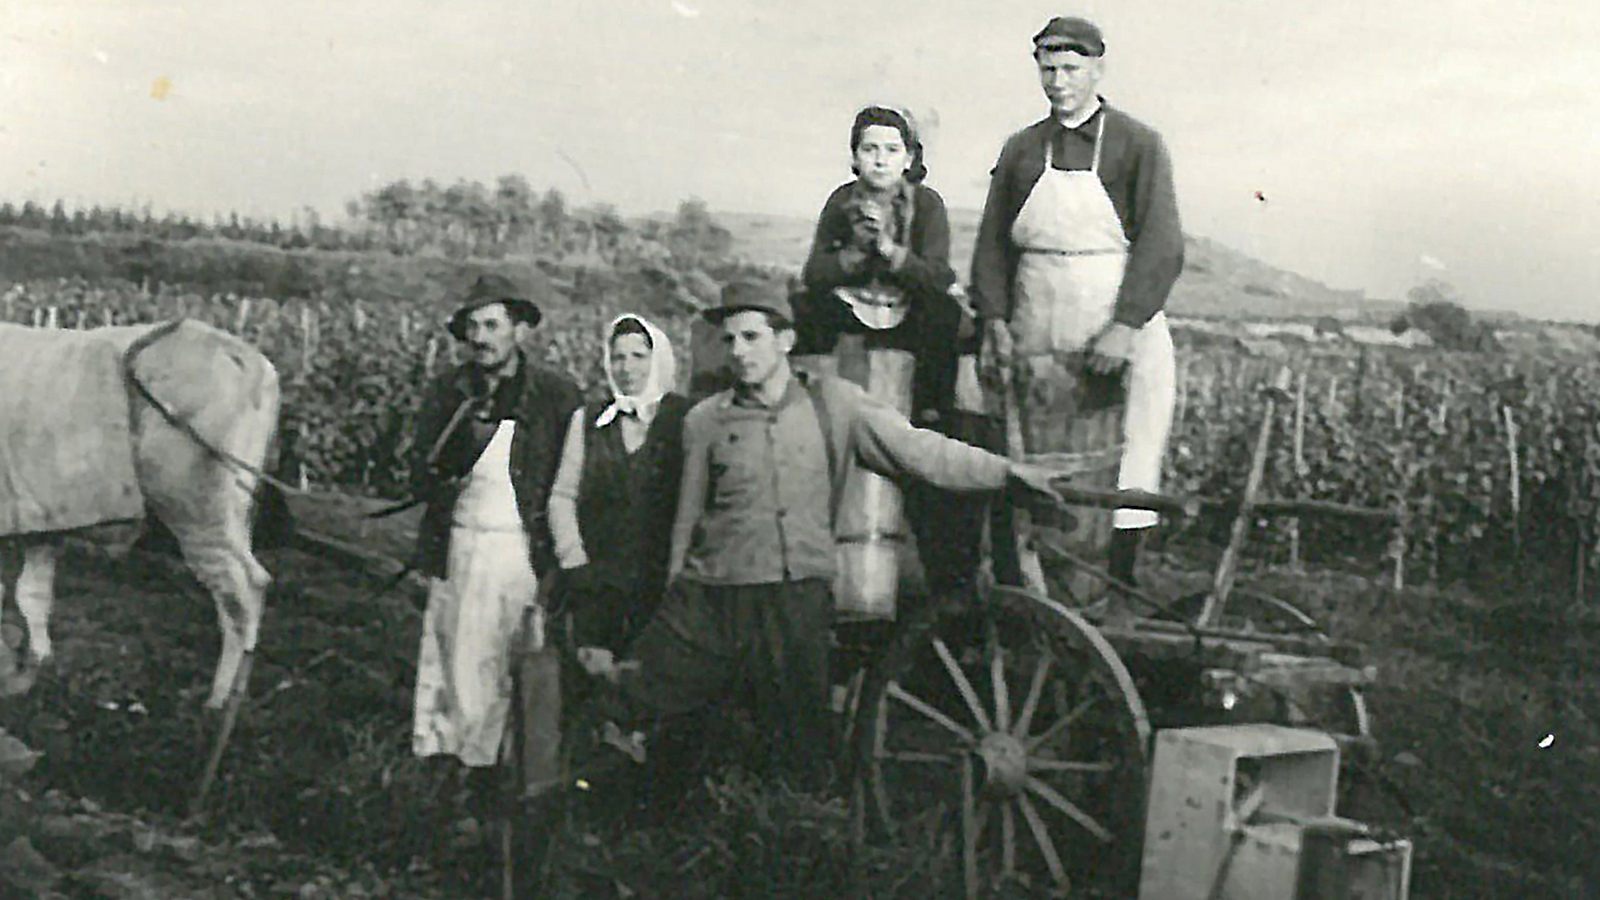 Vater Leopold bei der Weinernte mit Fuhrwerk.